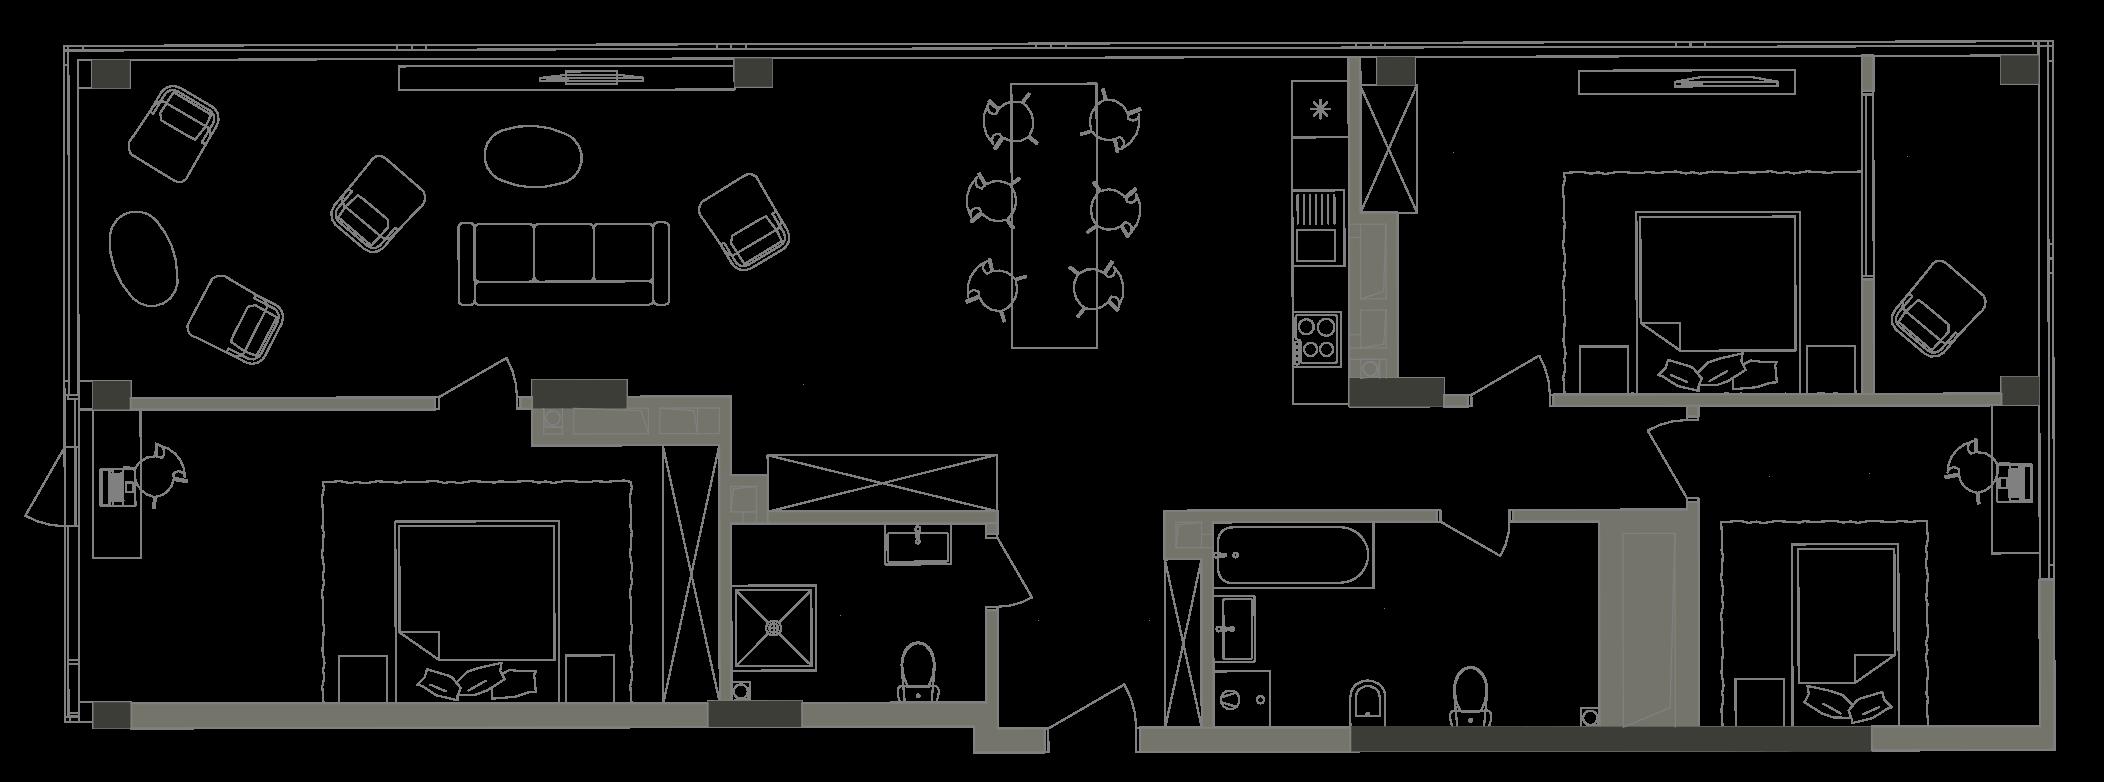 Квартира KV_86_3C_1_1_6